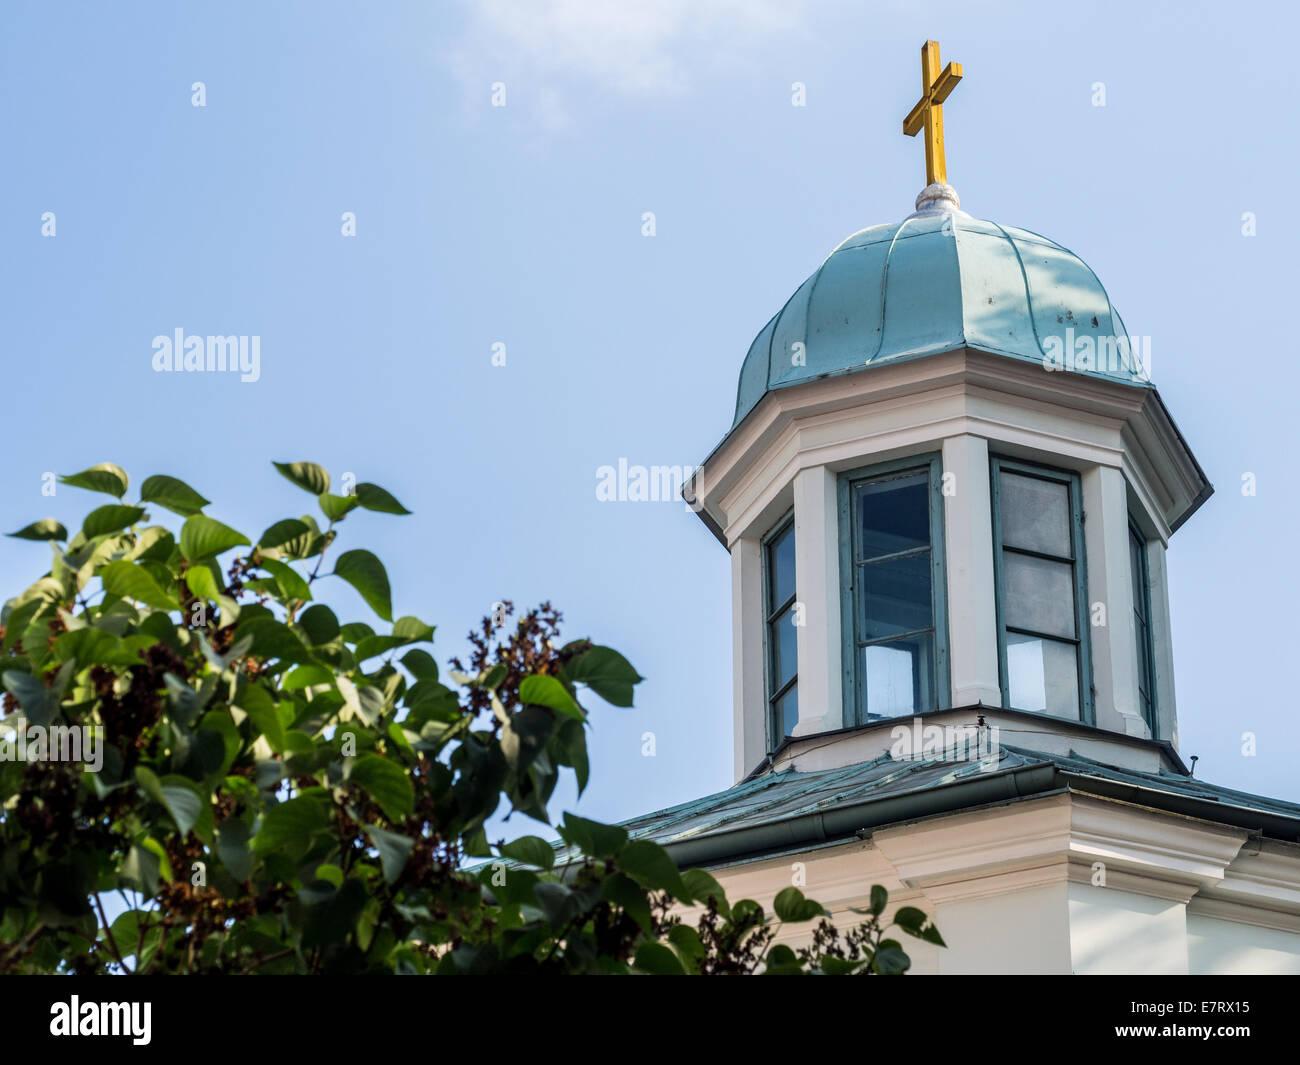 La Virgen de las Angustias iglesia en la Ciudad Vieja de Riga, Letonia. Imagen De Stock